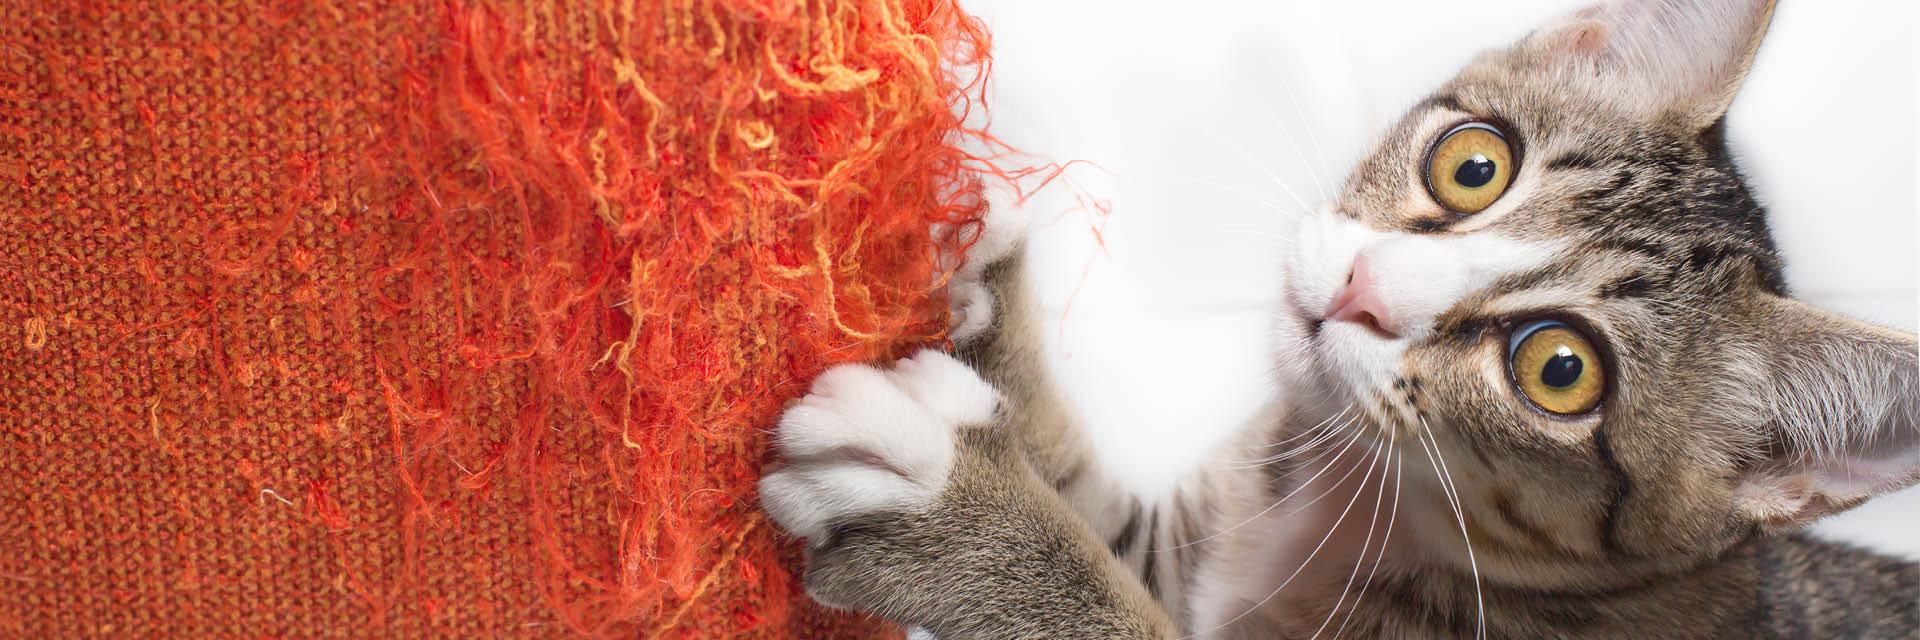 Katze, Kratzbaum